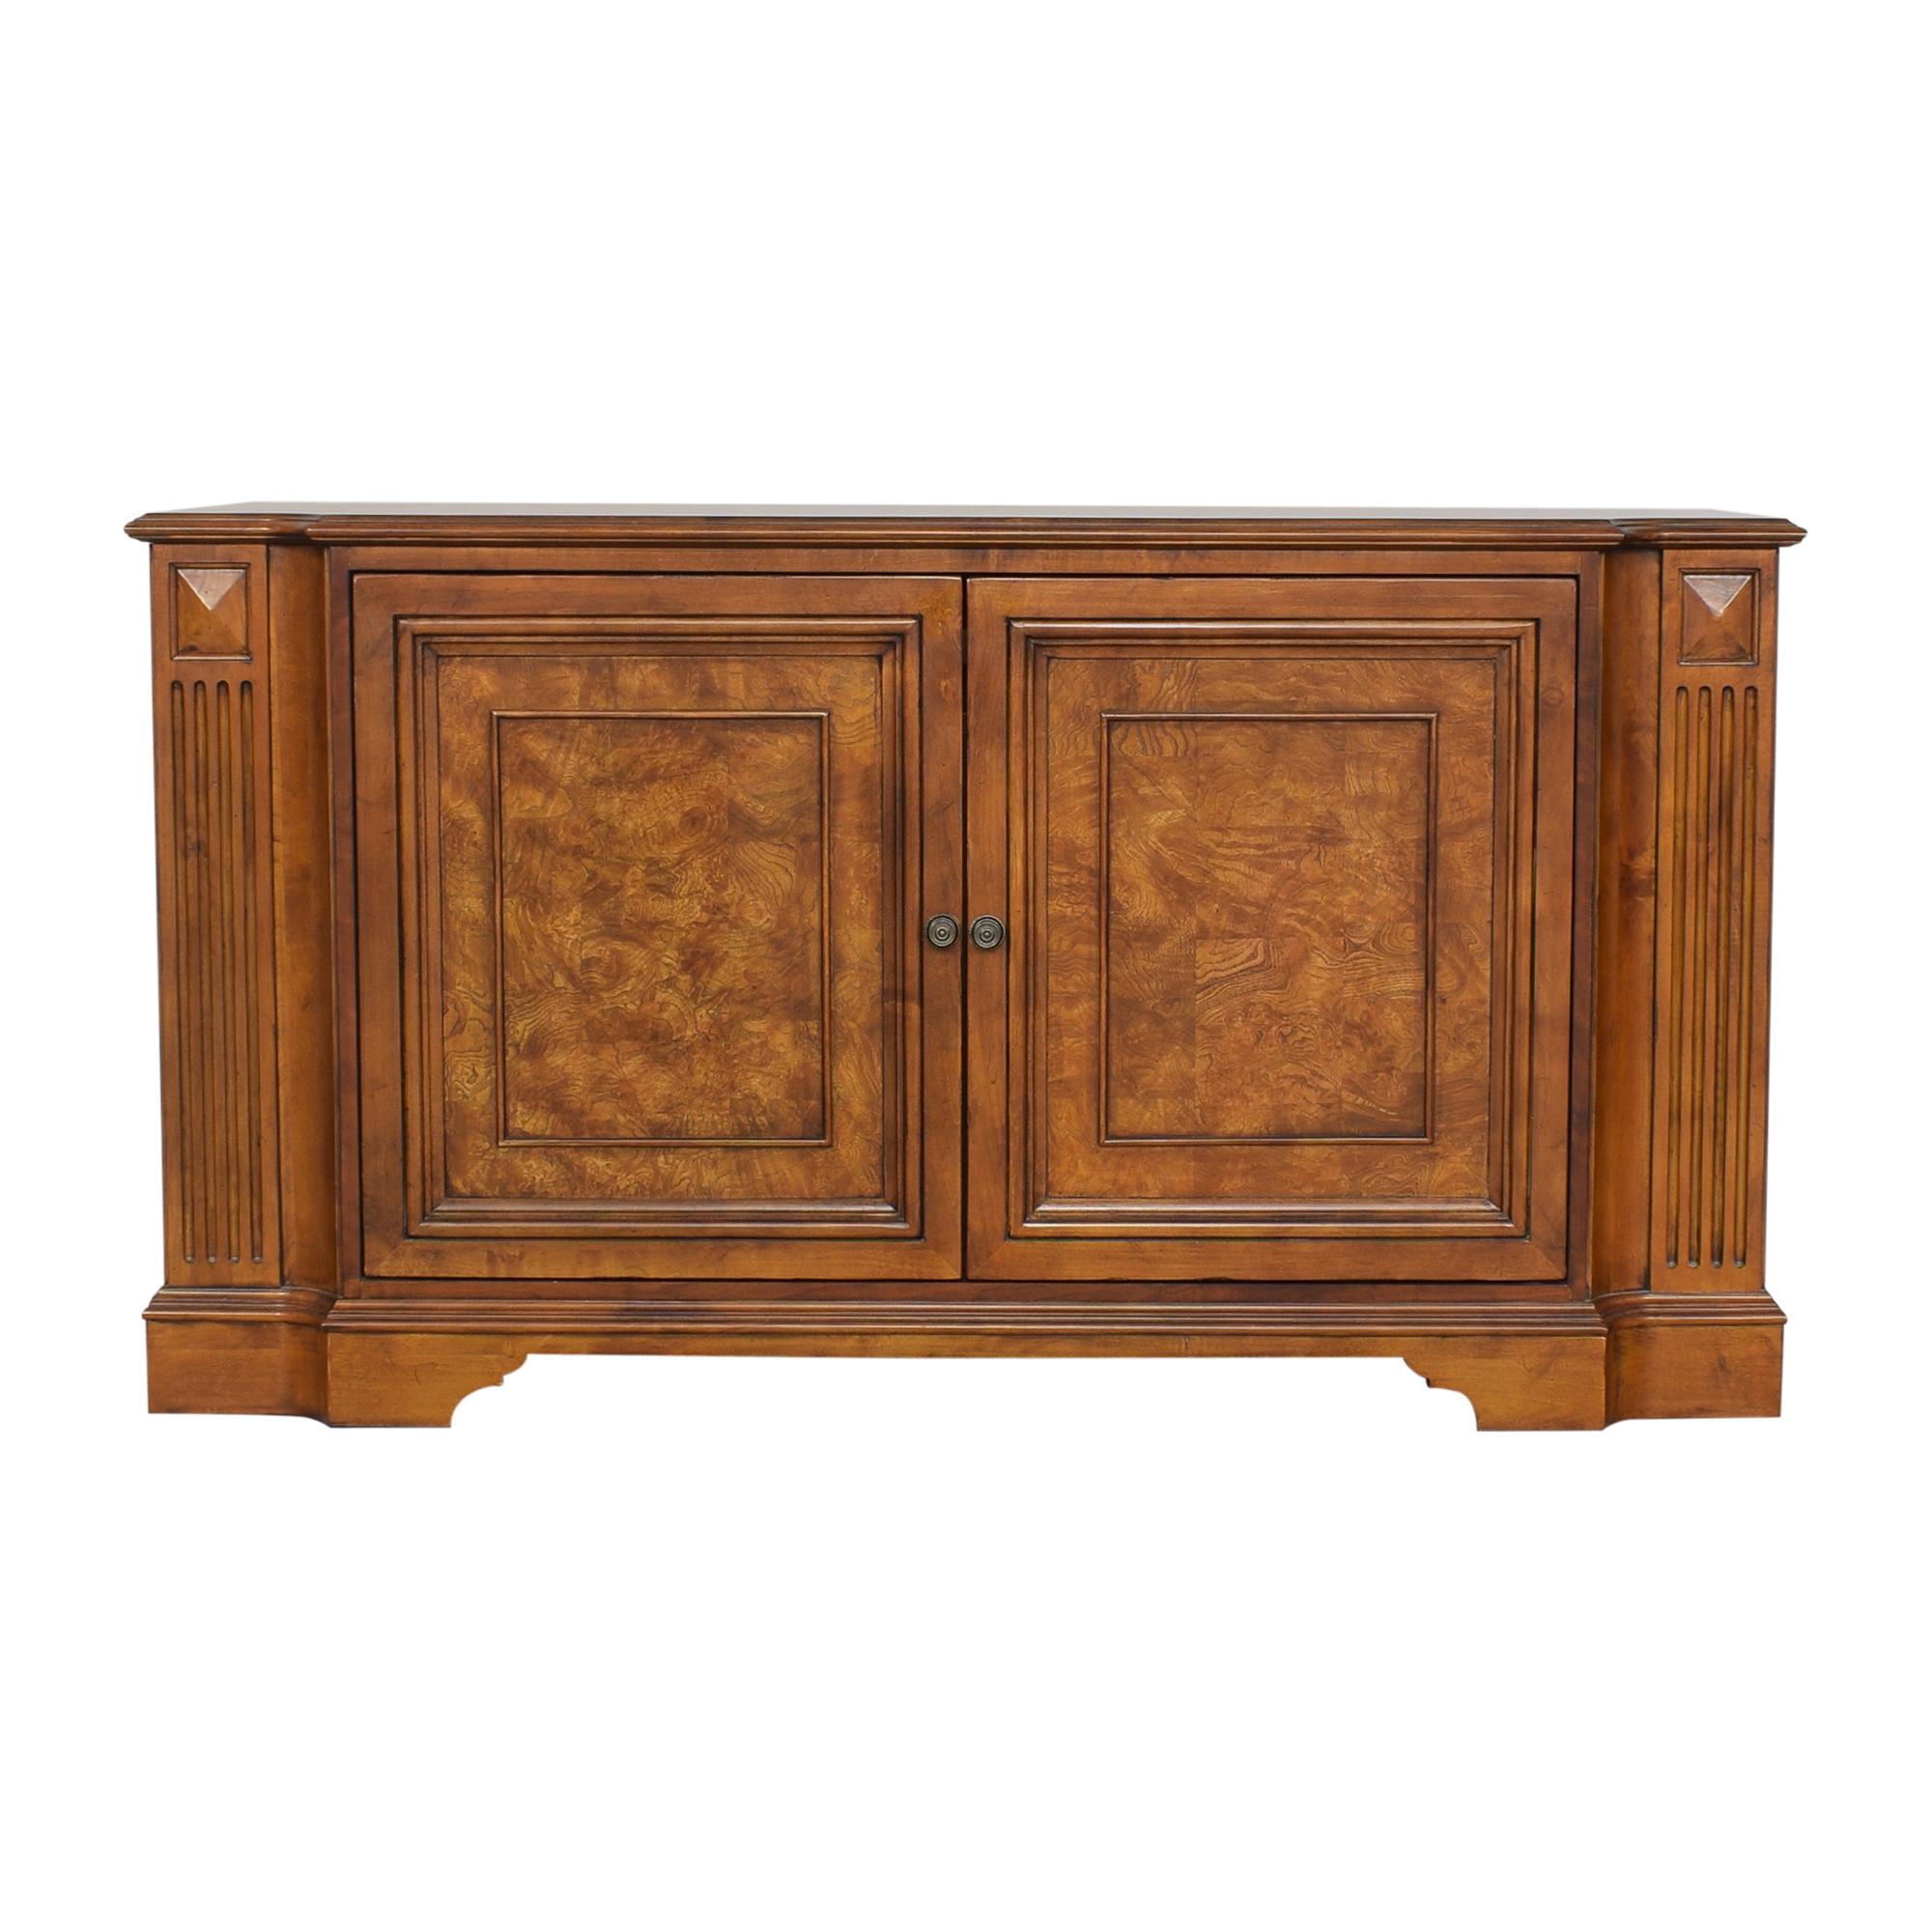 Ethan Allen Ethan Allen Two Door Cabinet nj